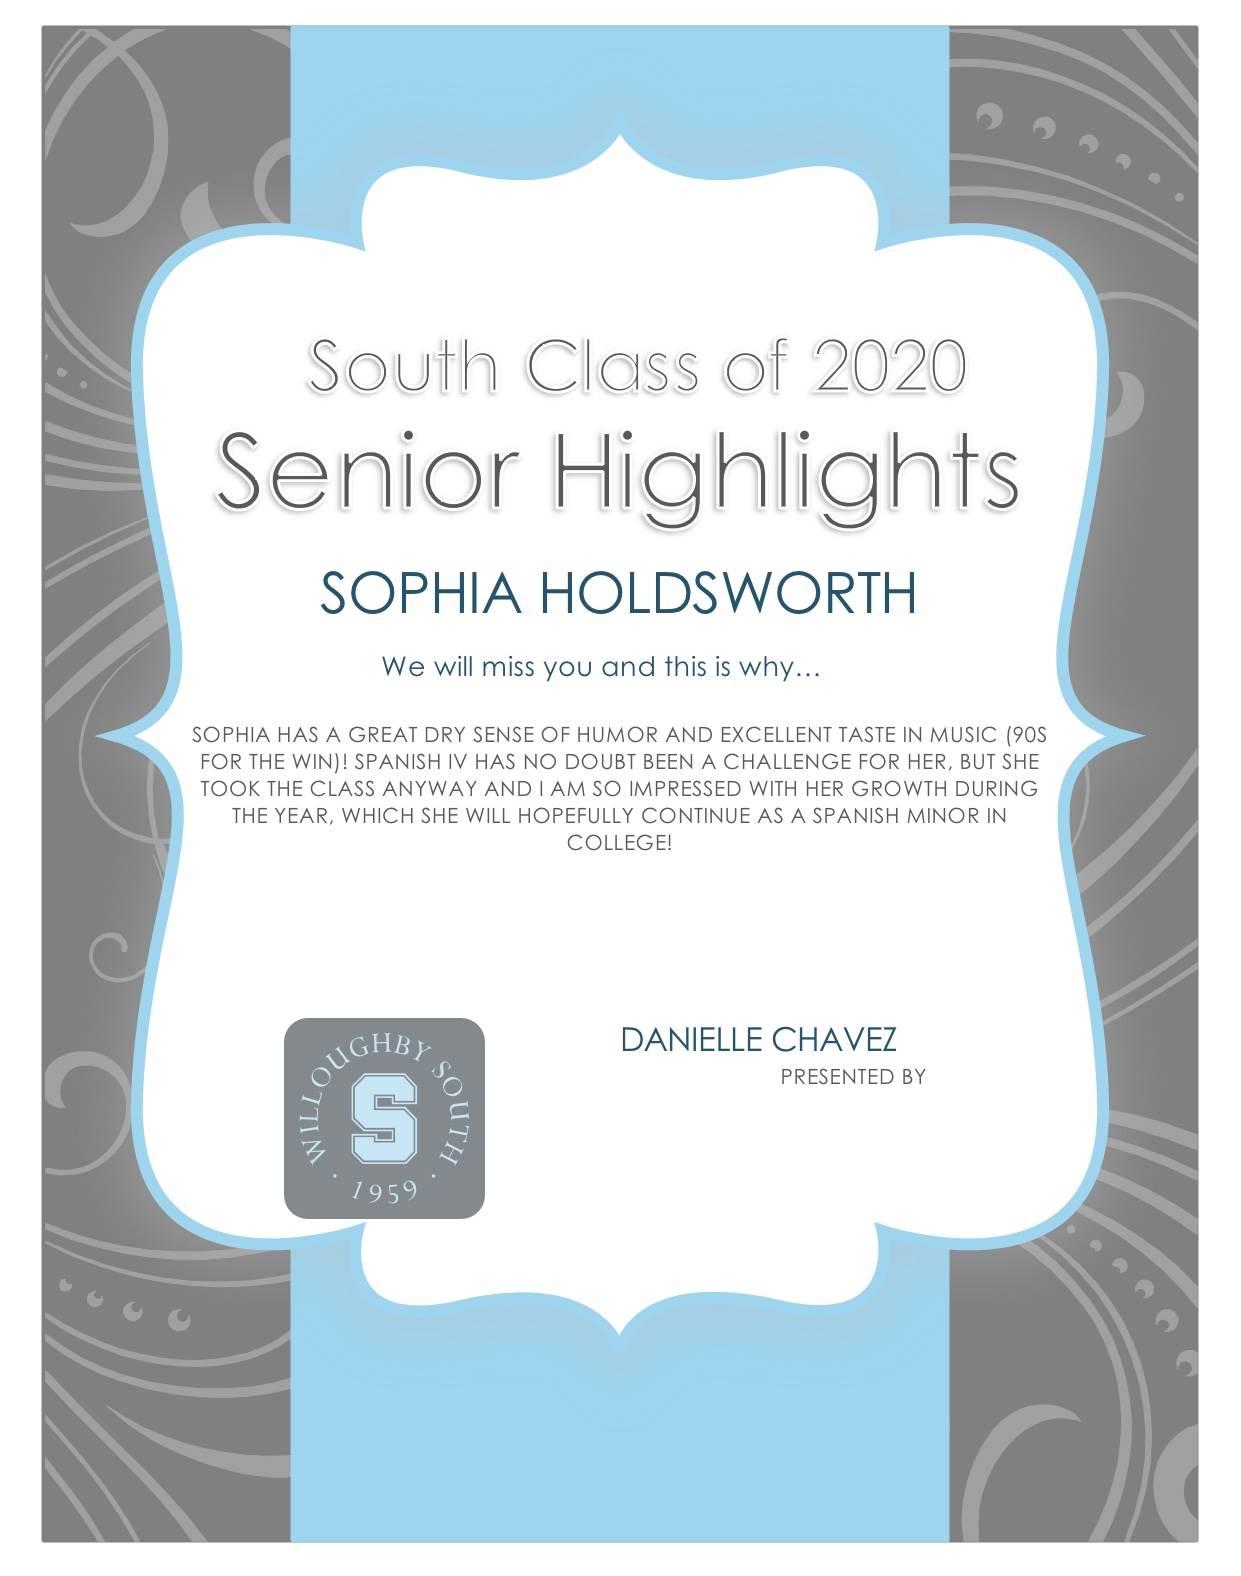 Sophia Holdsworth